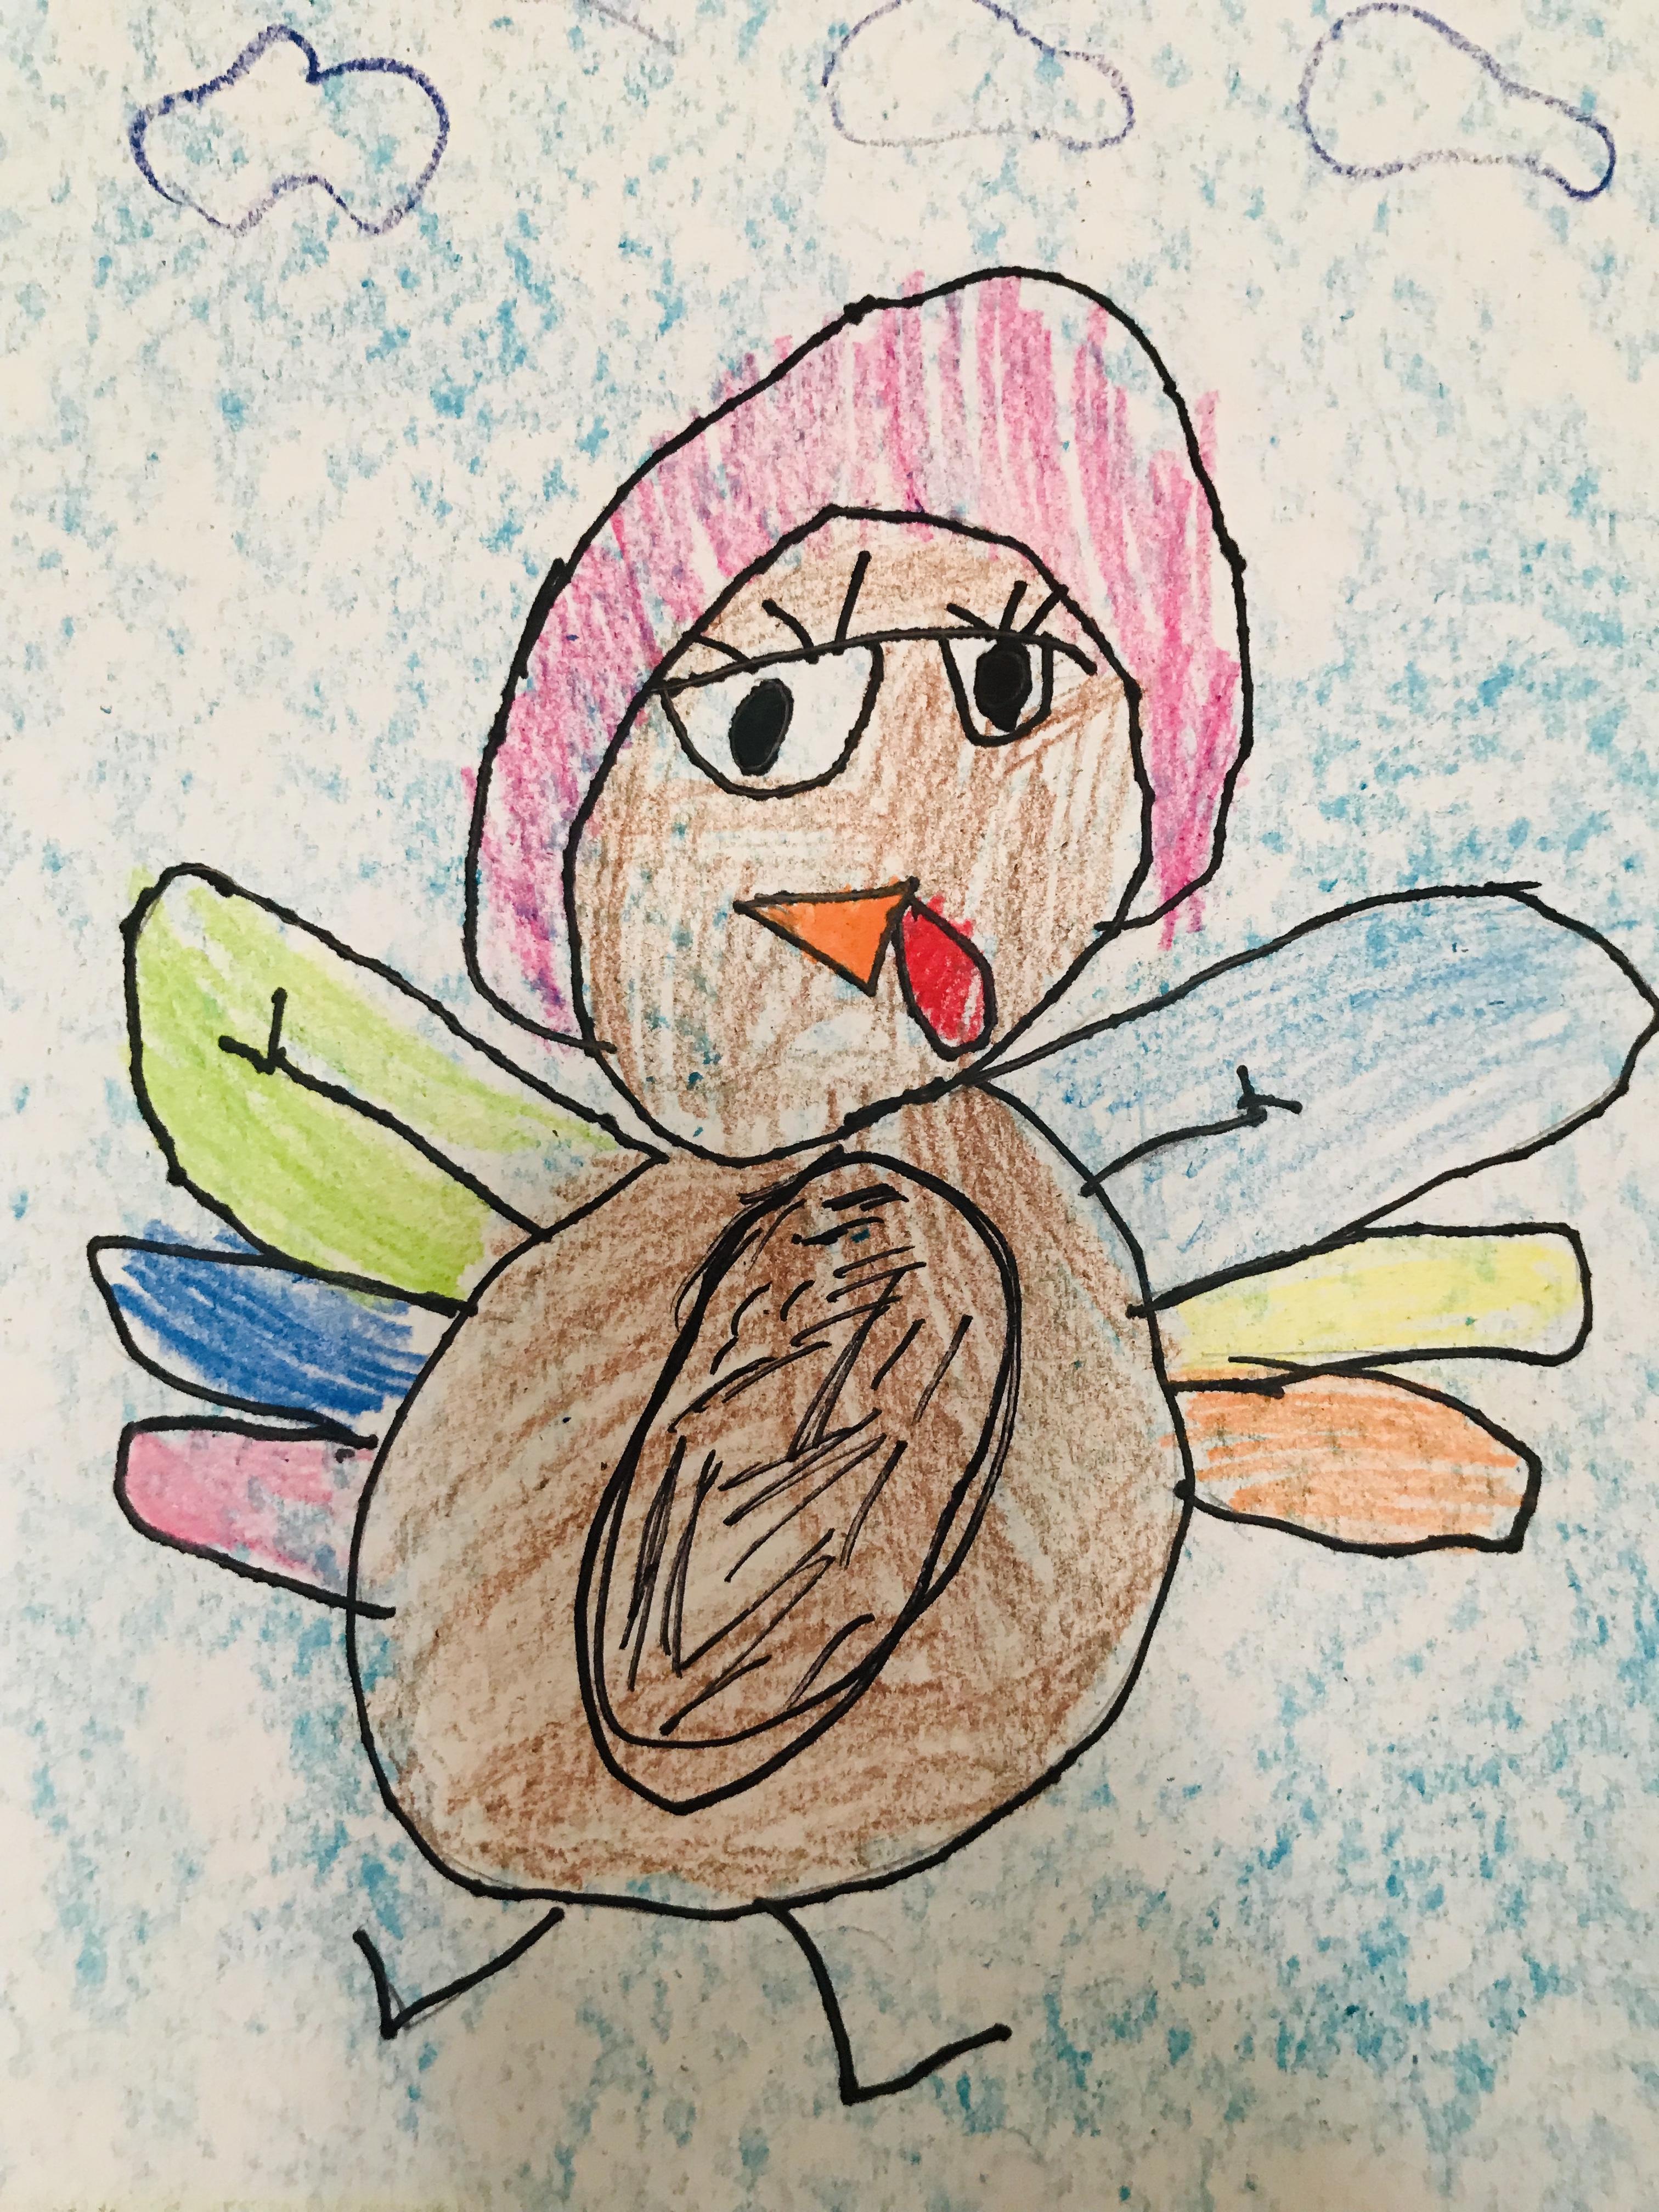 Drawn turkey flying